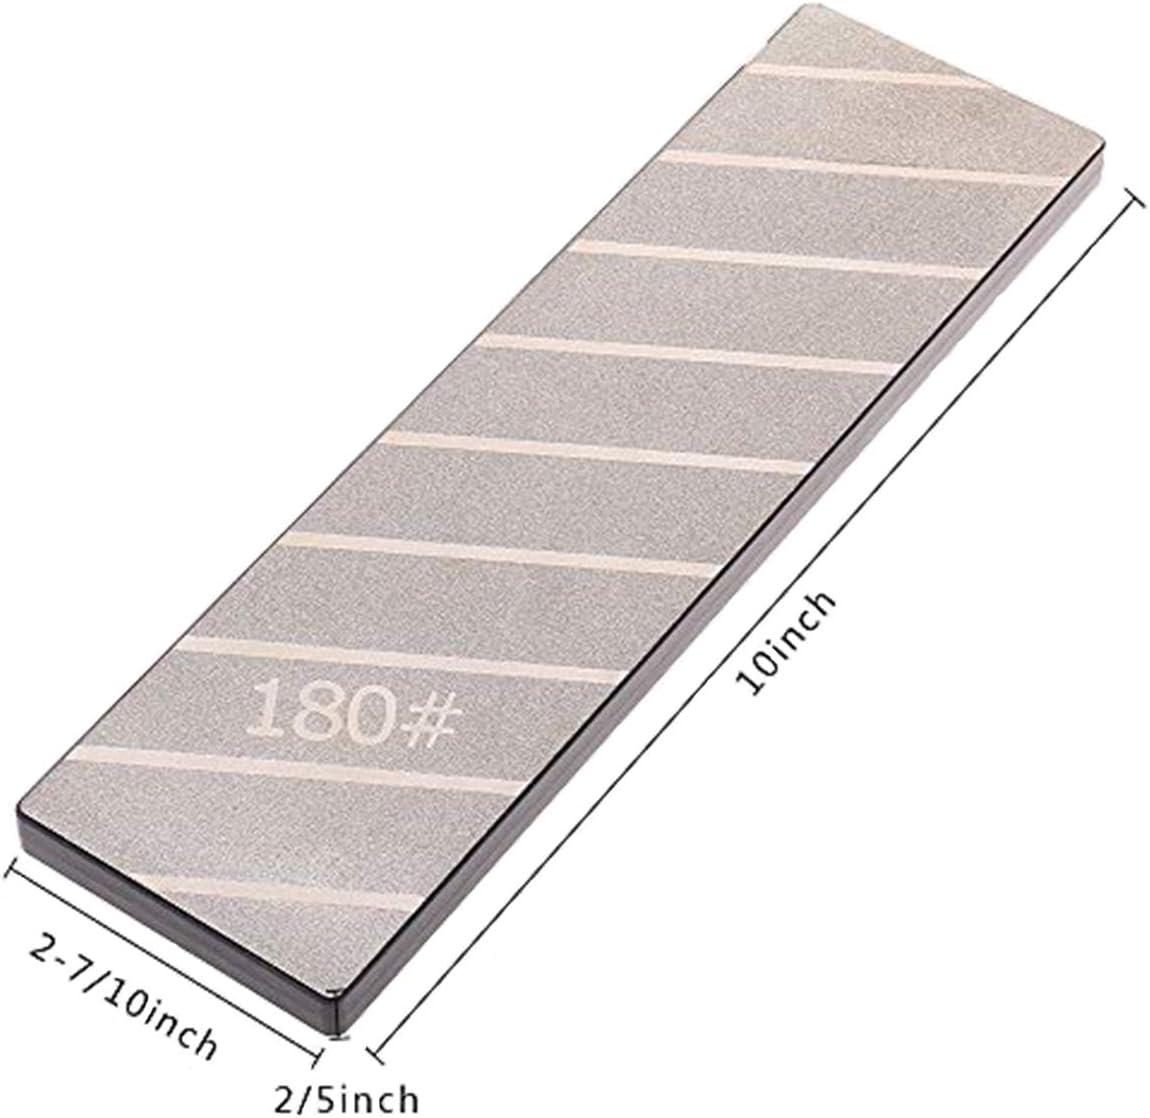 Diamond Flattening Stone Lapping Plate Single-Sided 180Grit Diamond Sharpening Plate Fixing Stone Flattener 254 /× 79 /× 15mm